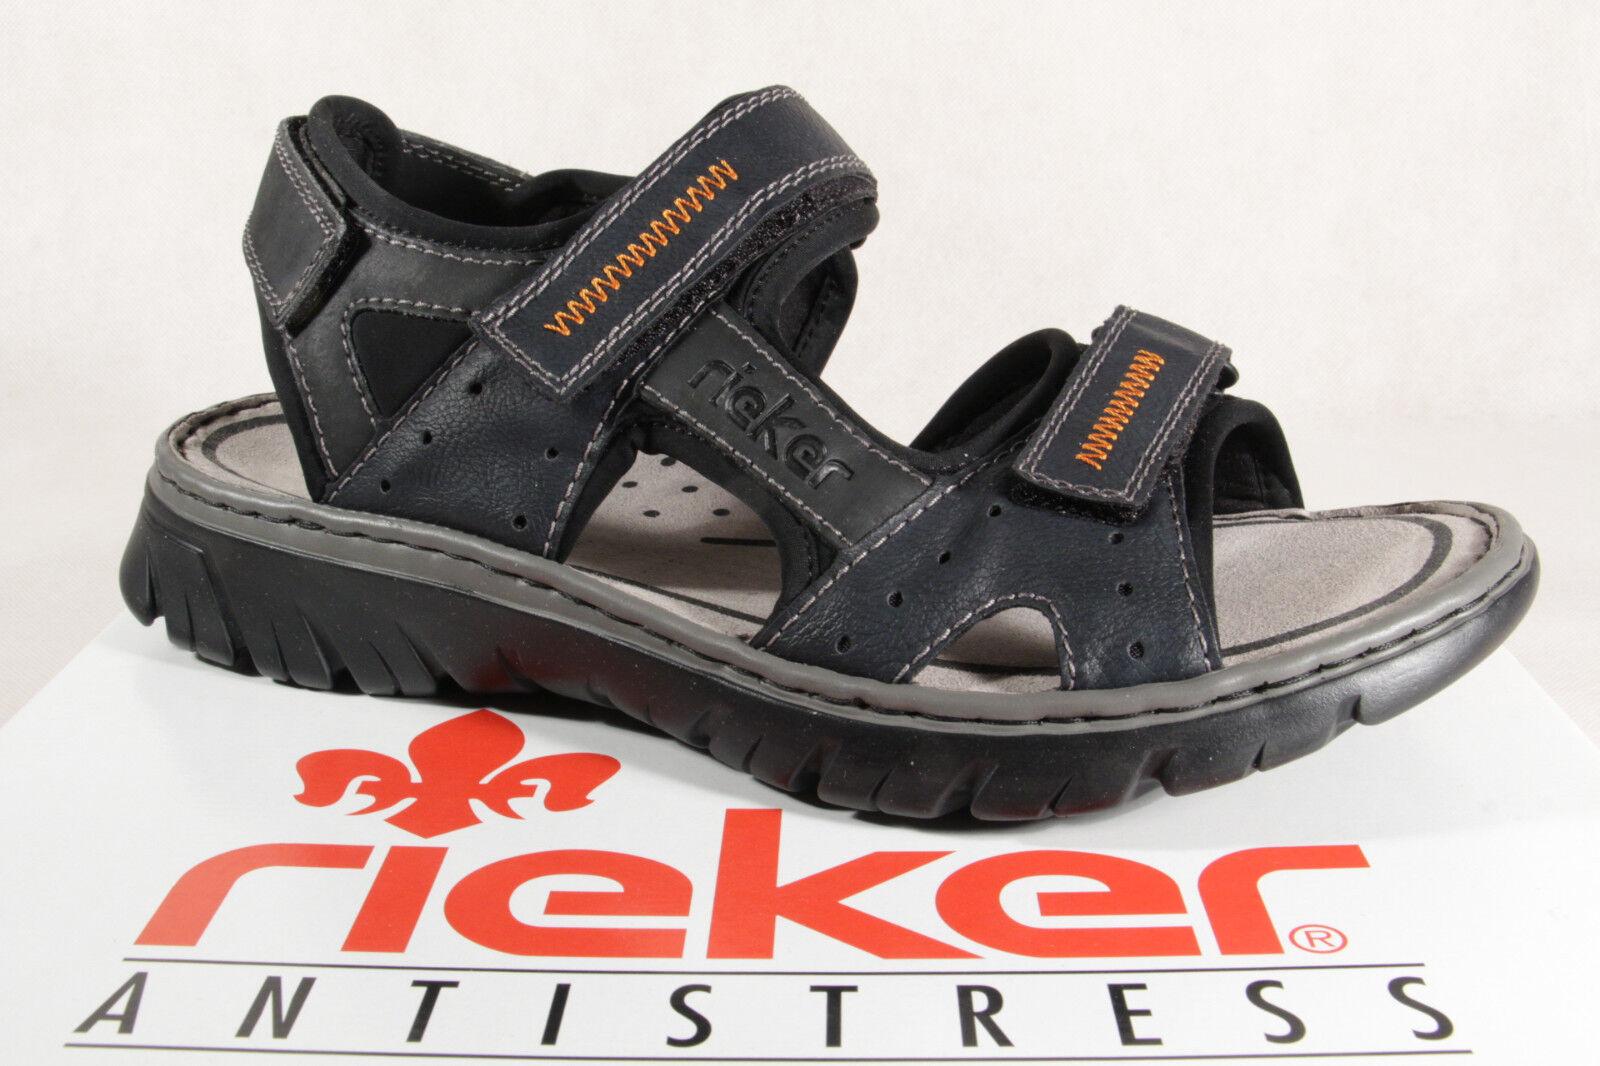 Sandali e scarpe per il mare da uomo Rieker Sandalo Sandali Sandali Blu Chiusura in Velcro 26757 NUOVO